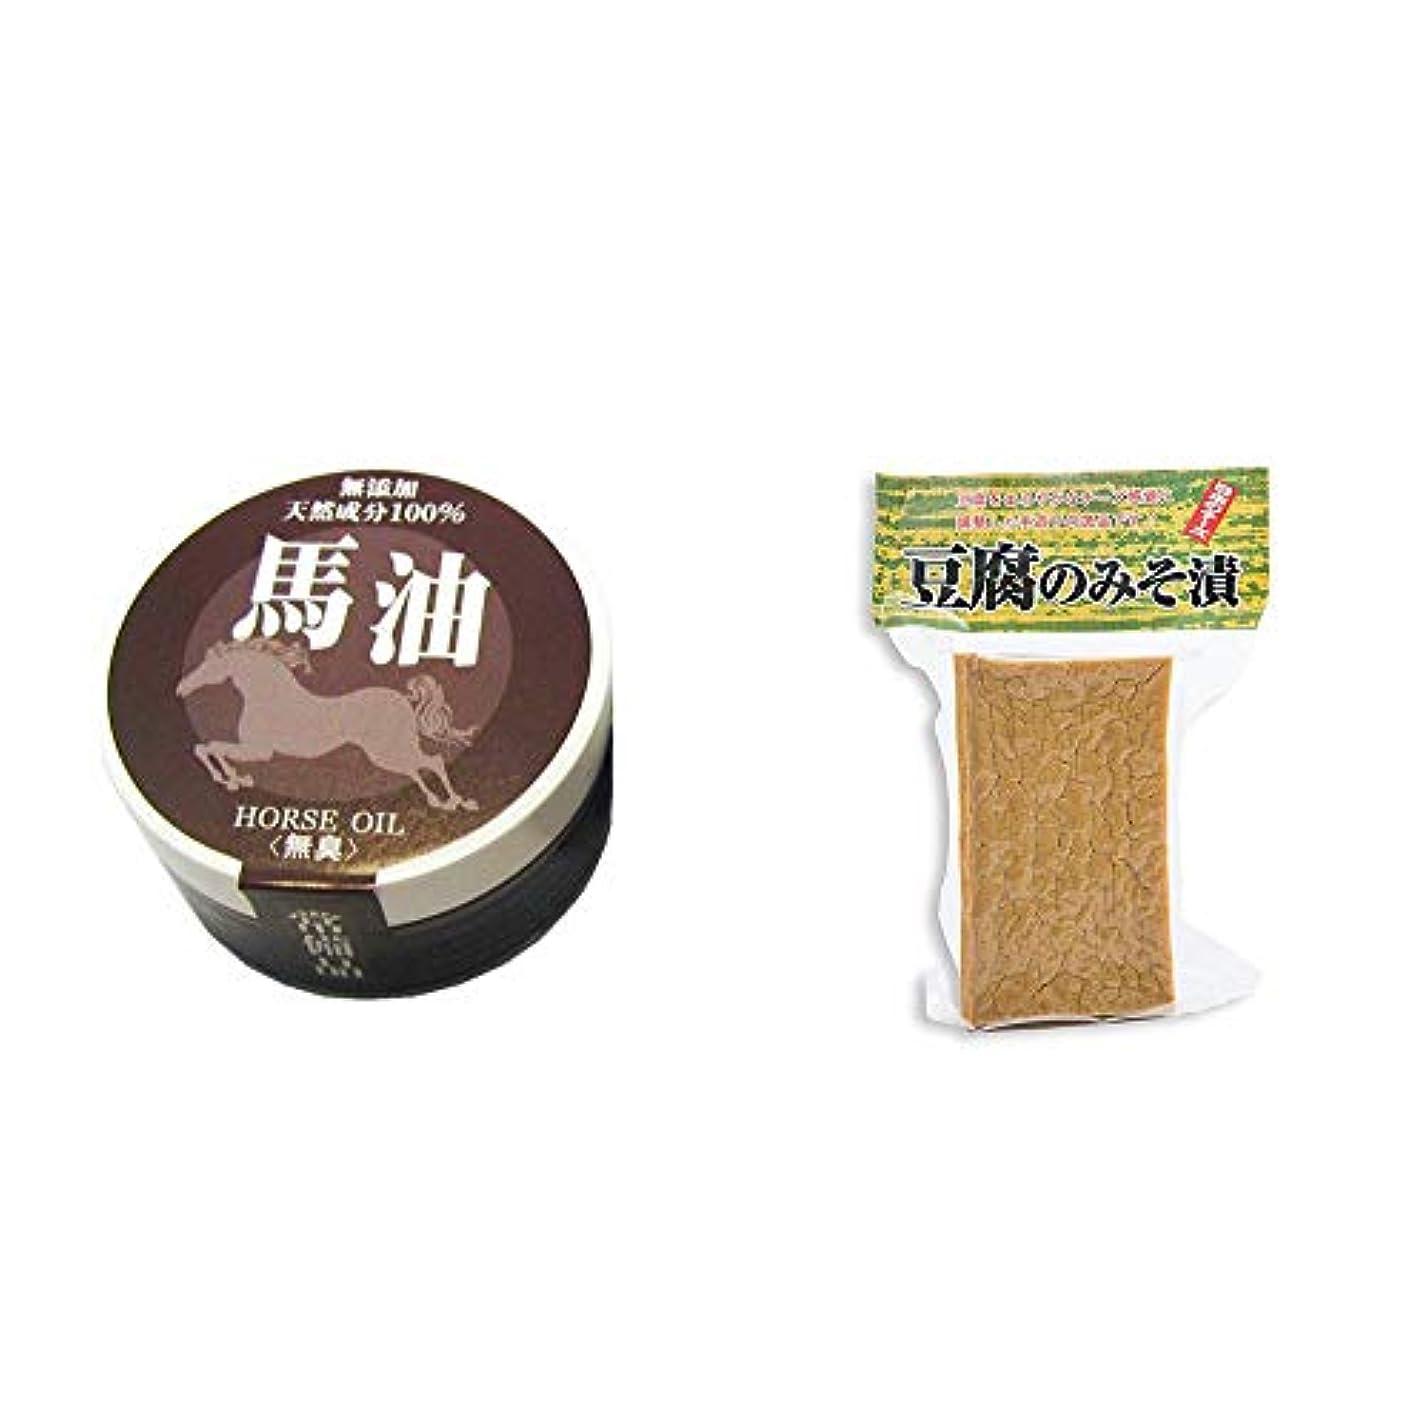 インク中毒マニアック[2点セット] 無添加天然成分100% 馬油[無香料](38g)?日本のチーズ 豆腐のみそ漬(1個入)